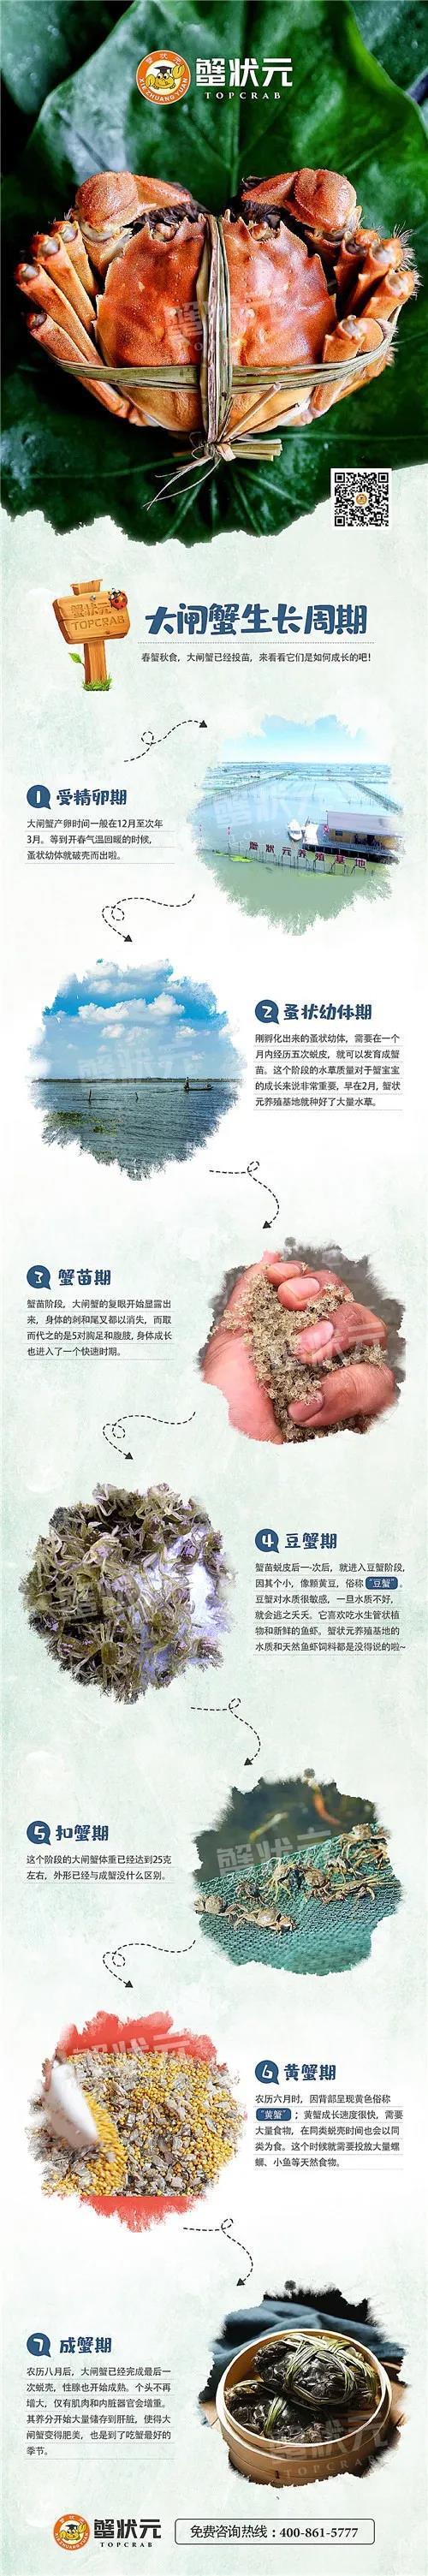 大闸蟹长成周期